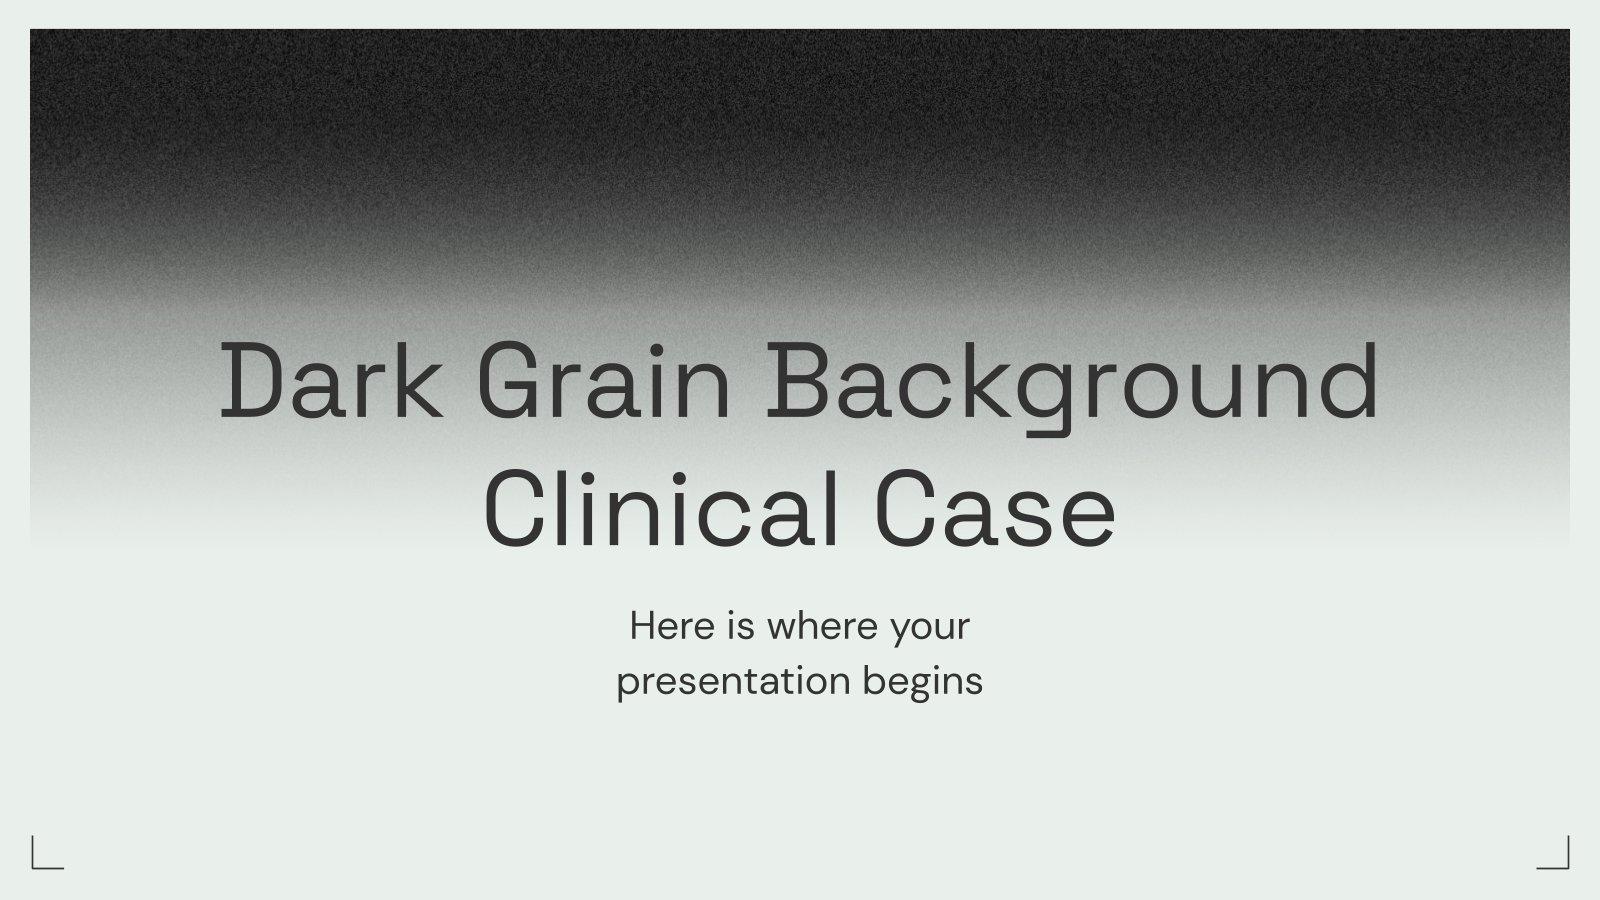 Modelo de apresentação Caso clínico com fundo granular escuro